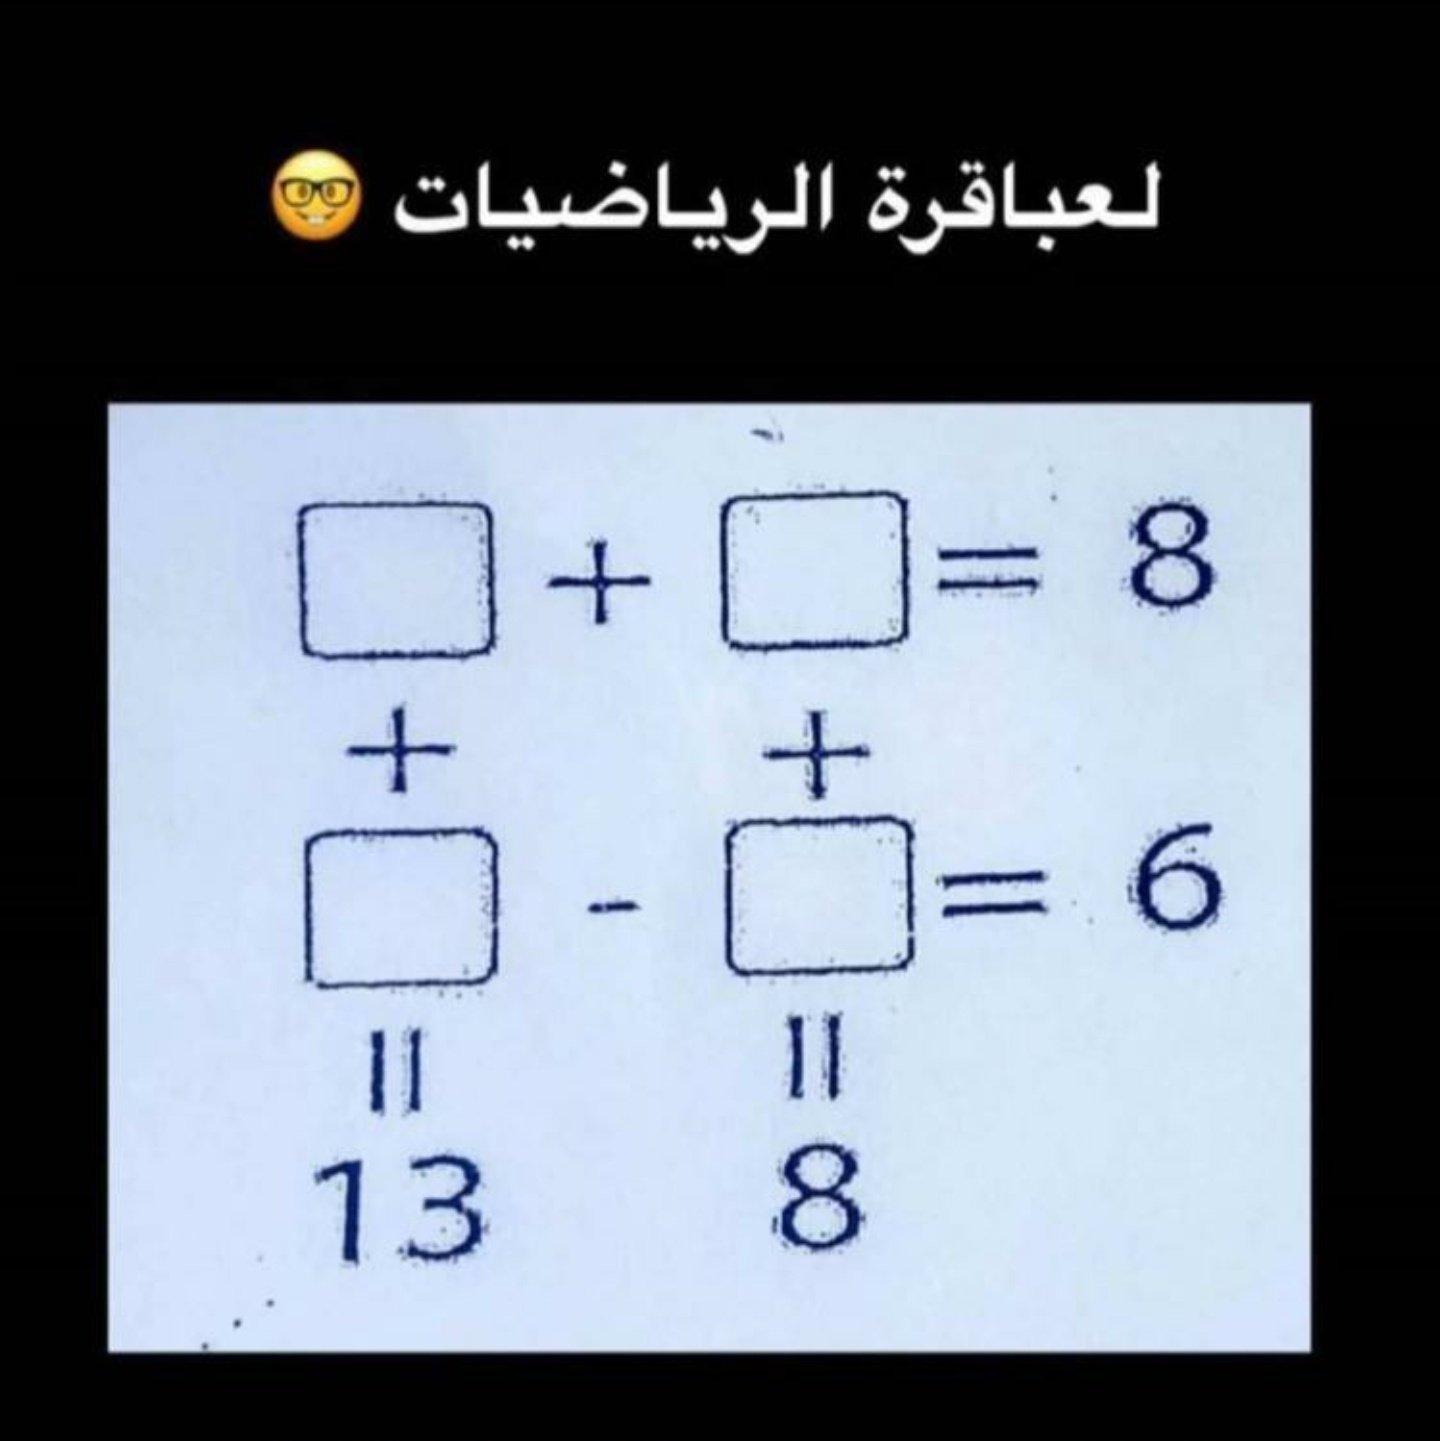 فهد المحمود On Twitter لغز لعباقرة الرياضيات مع طريقة الحل